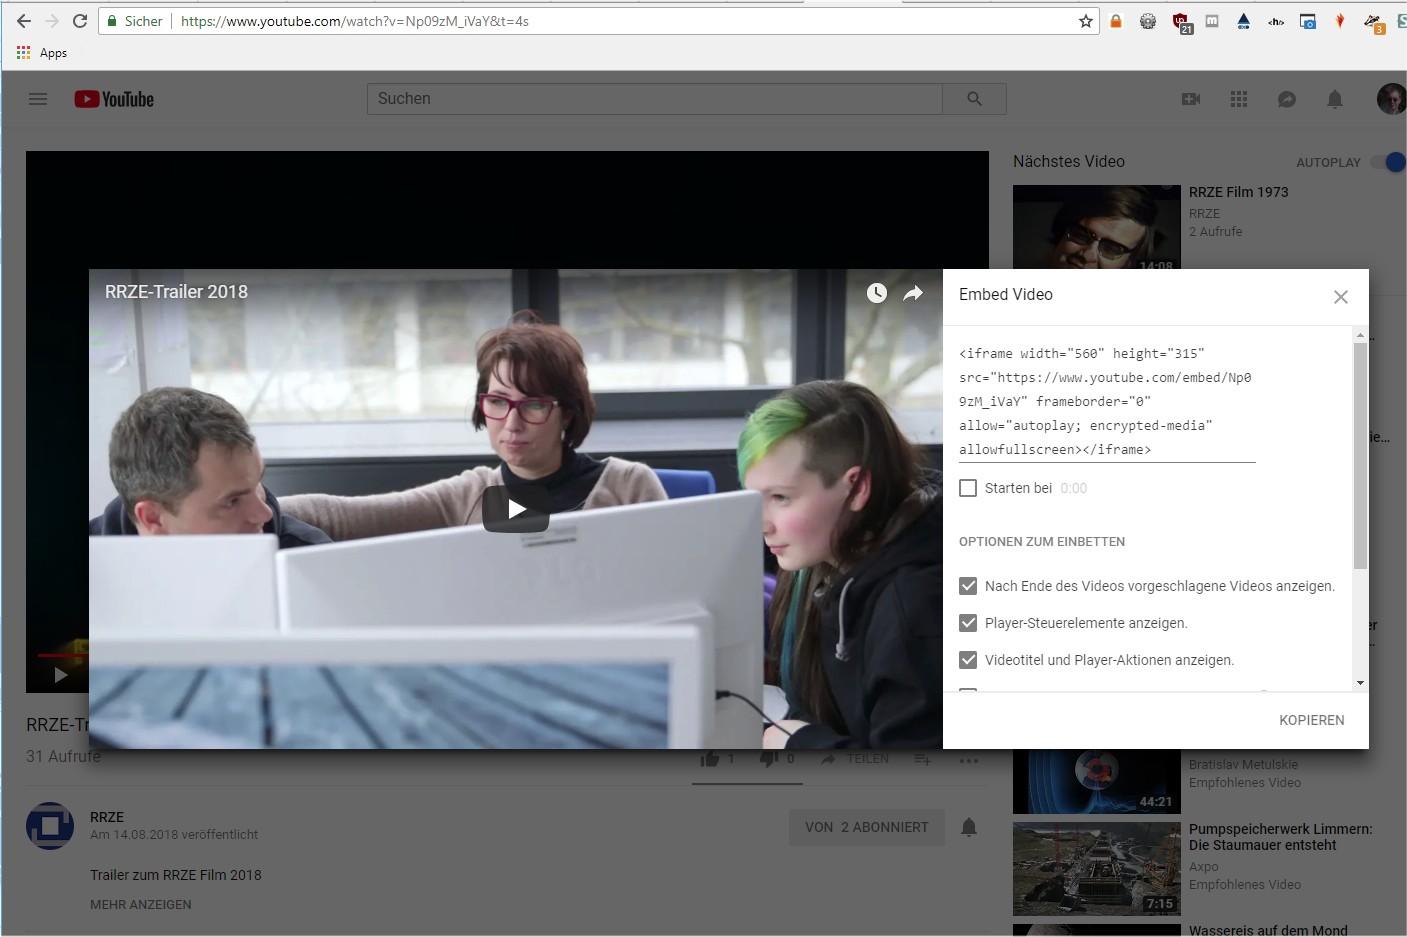 Embedding eines Videos von YouTube